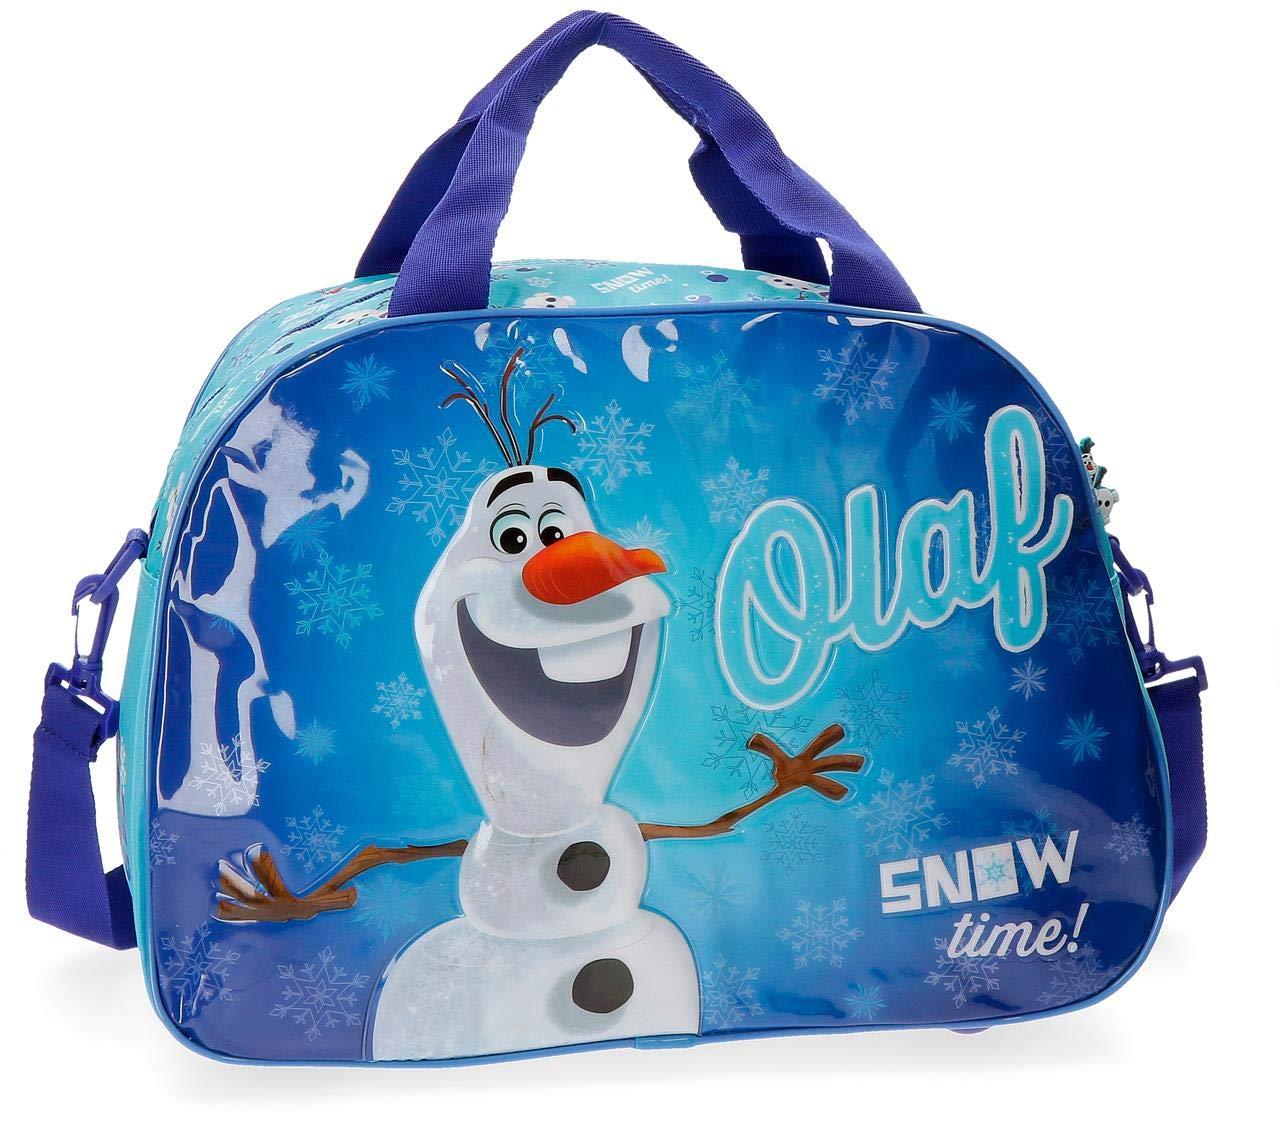 Disney Olaf Snow Bolsa de Viaje, Color Azul, 24.64 litros 2273251